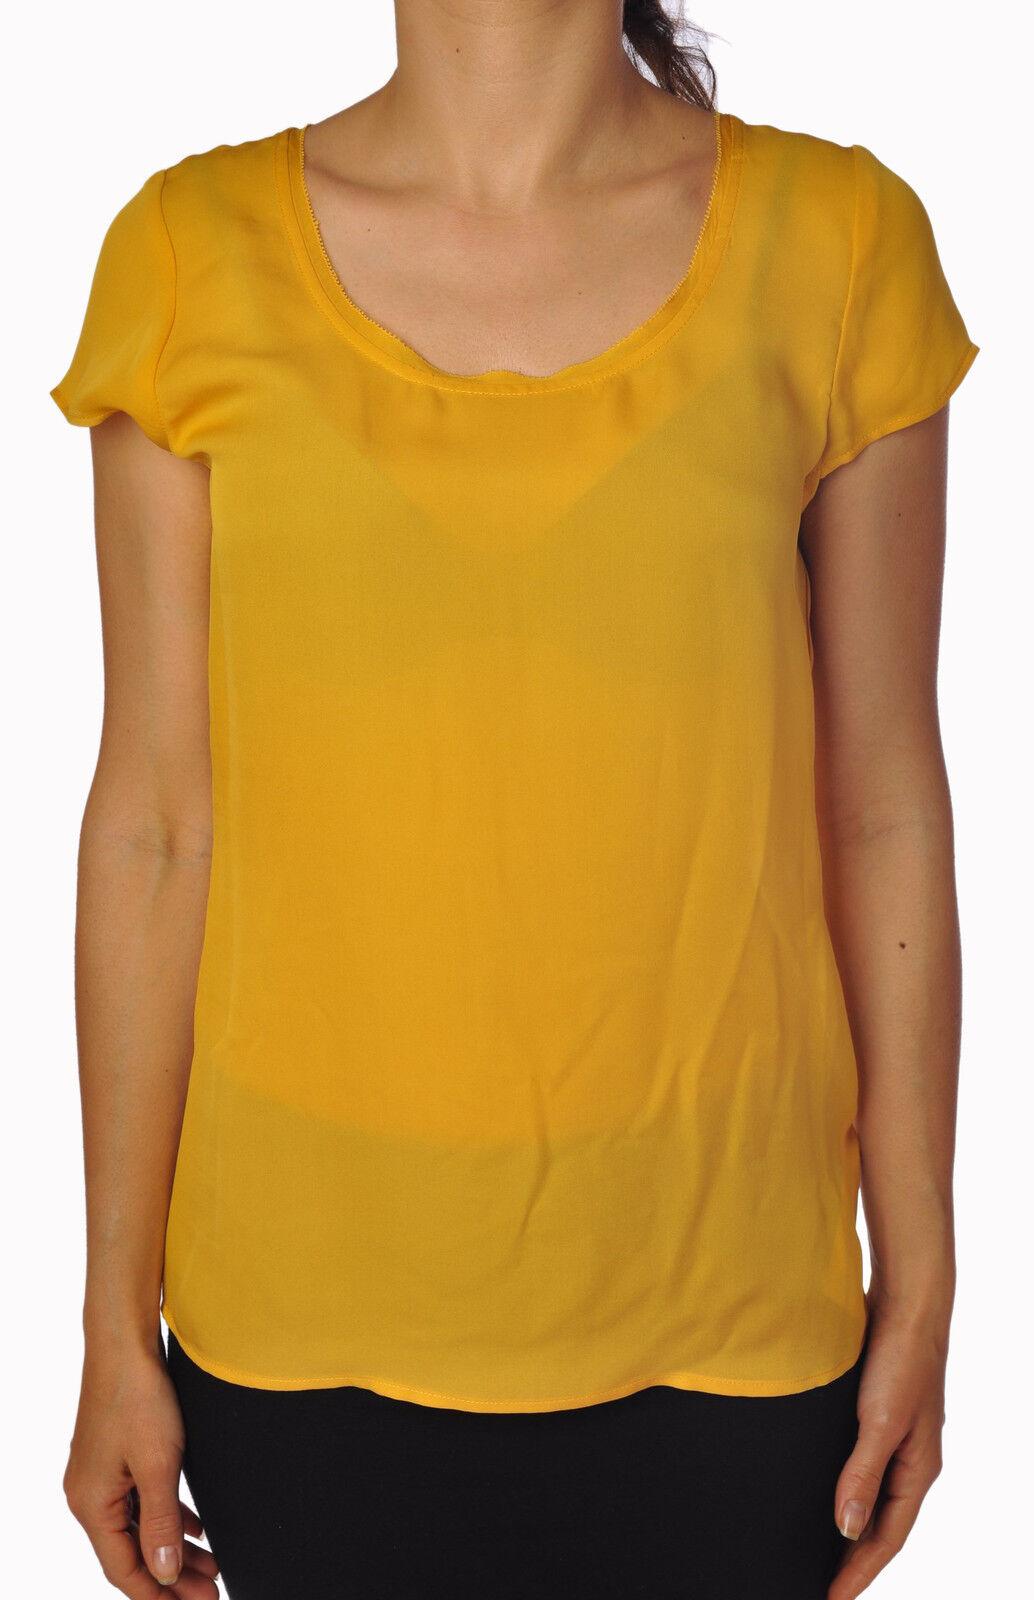 Liu-Jo - Topwear-T-shirts - woman - Gelb - 789817C184713